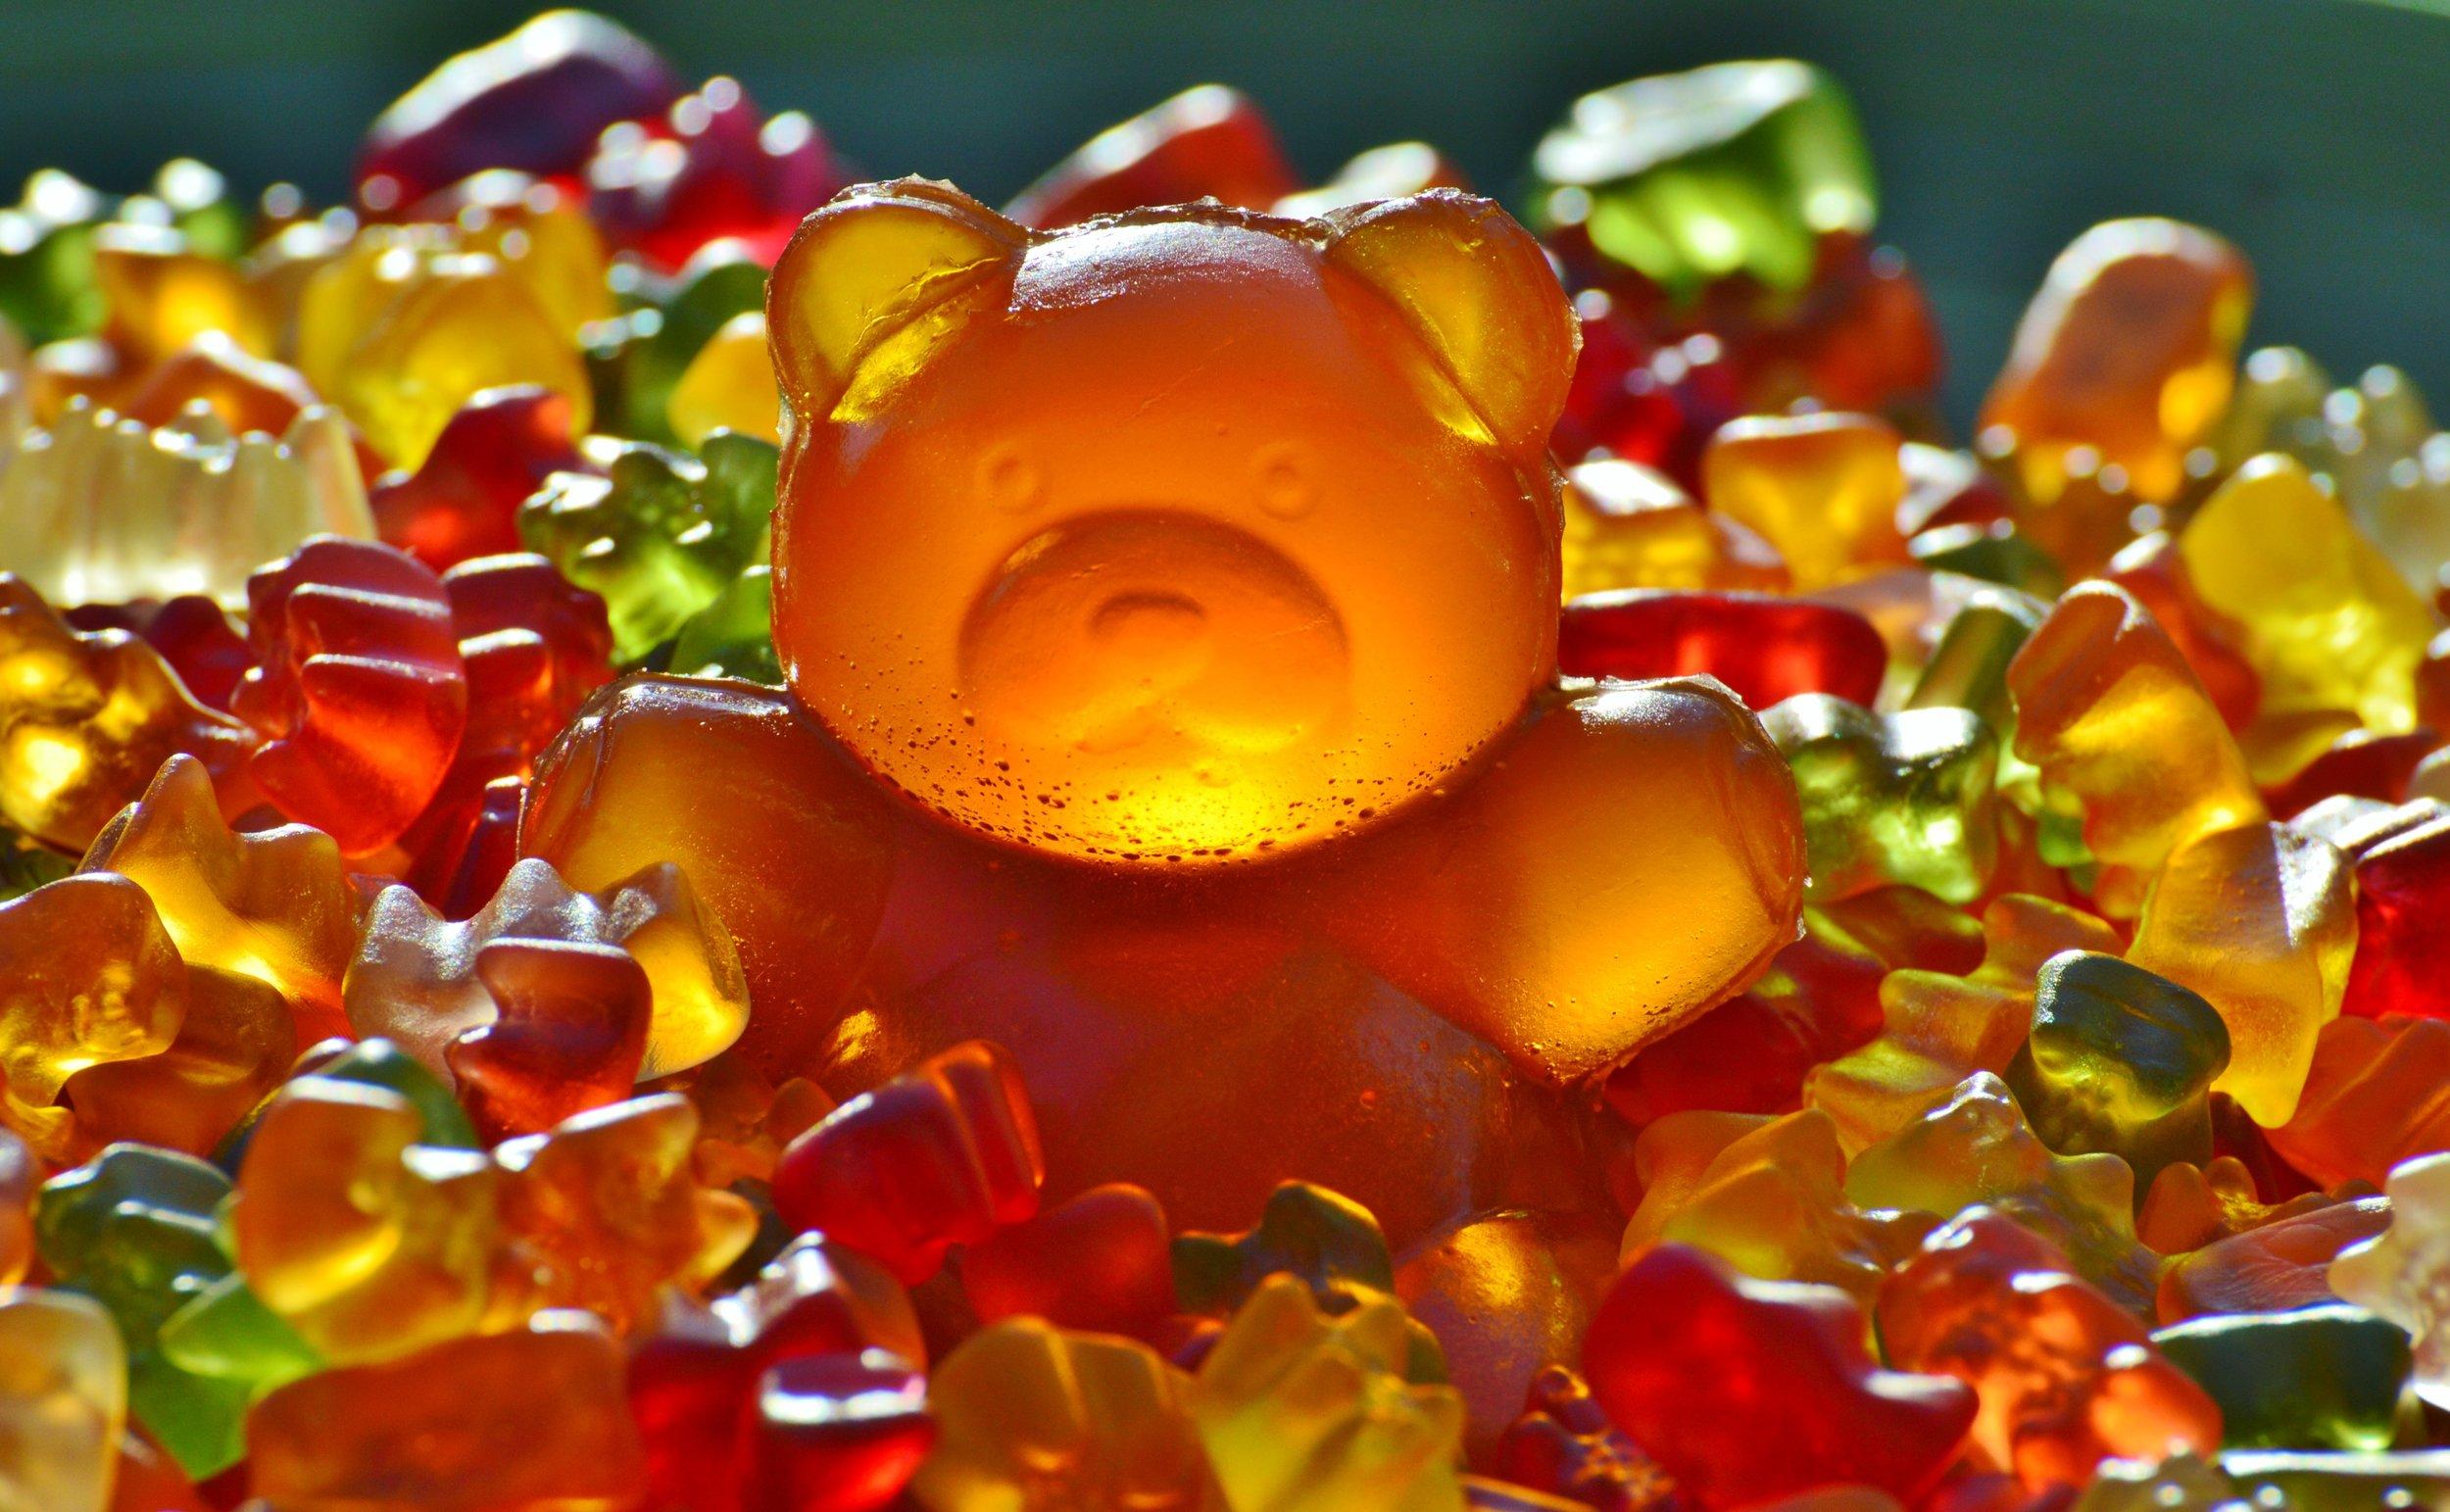 giant-rubber-bear-gummibar-gummibarchen-fruit-gums.jpg